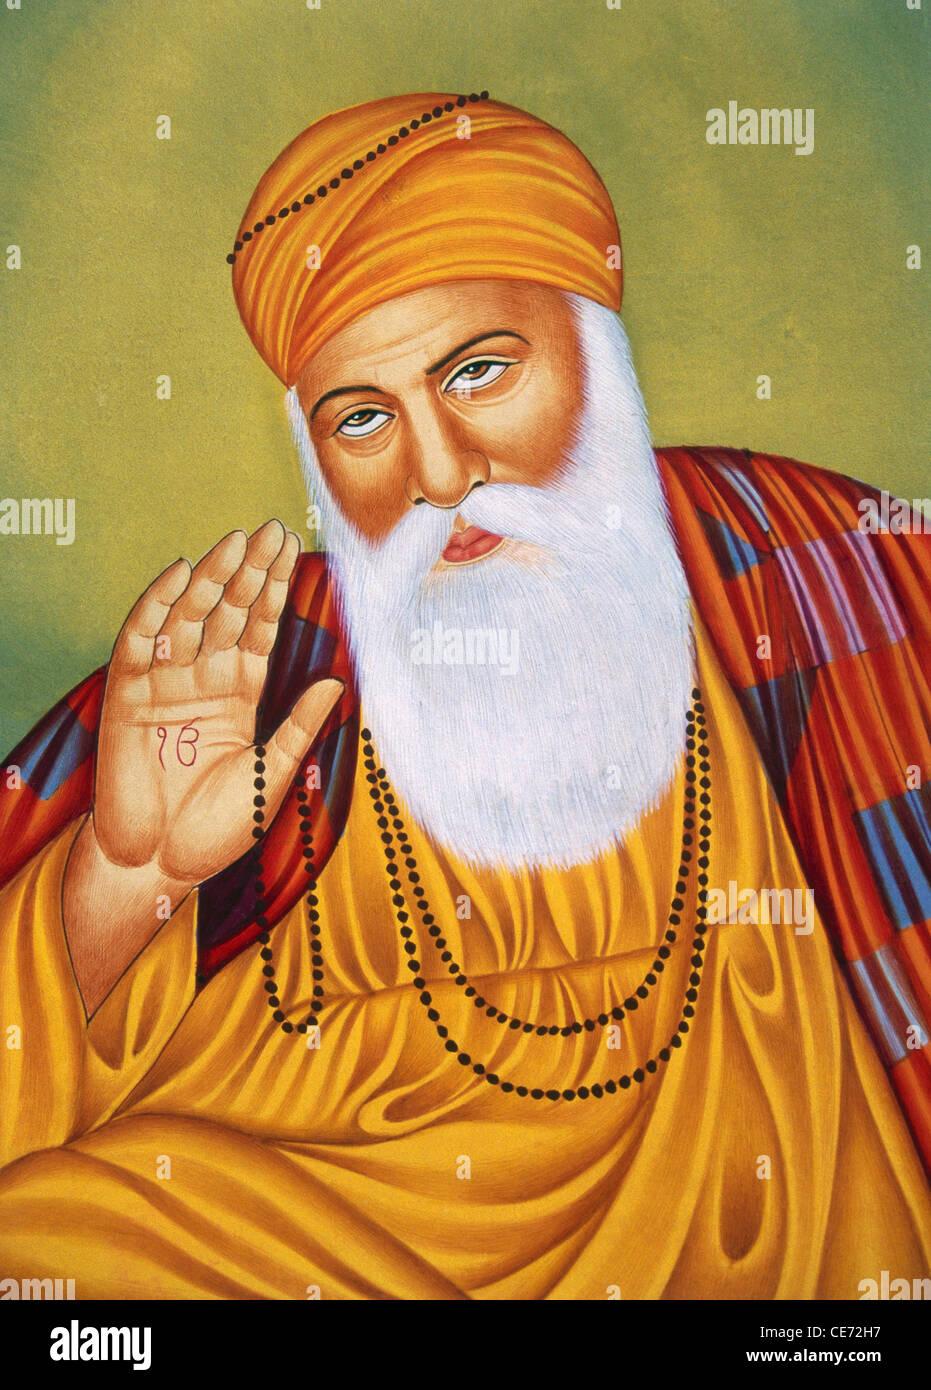 Guru Nanak Stock Photos & Guru Nanak Stock Images - Alamy